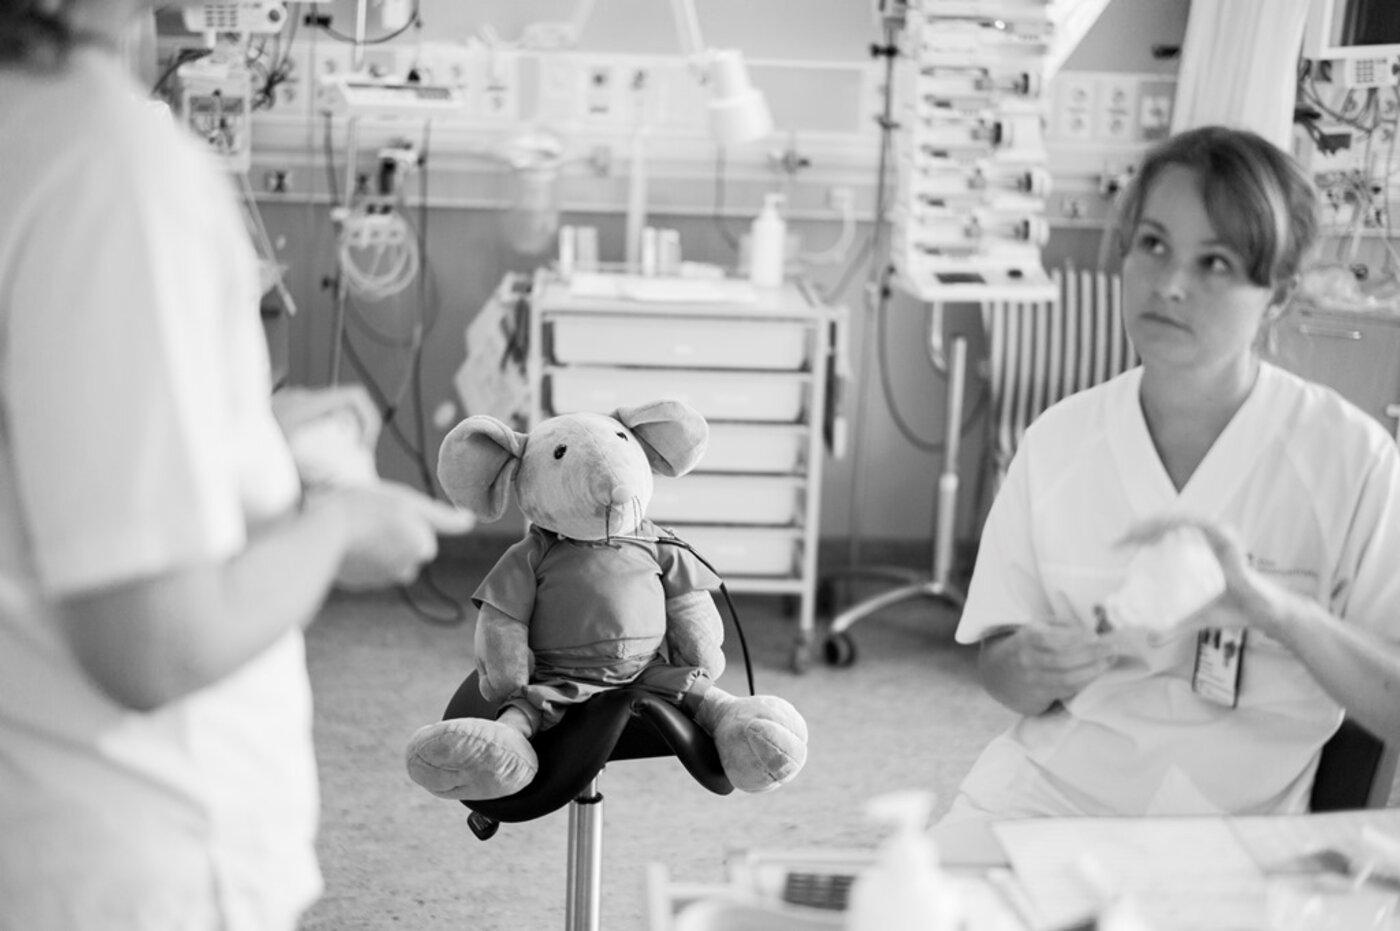 Foreldres opplevelser i intensivavdelingen